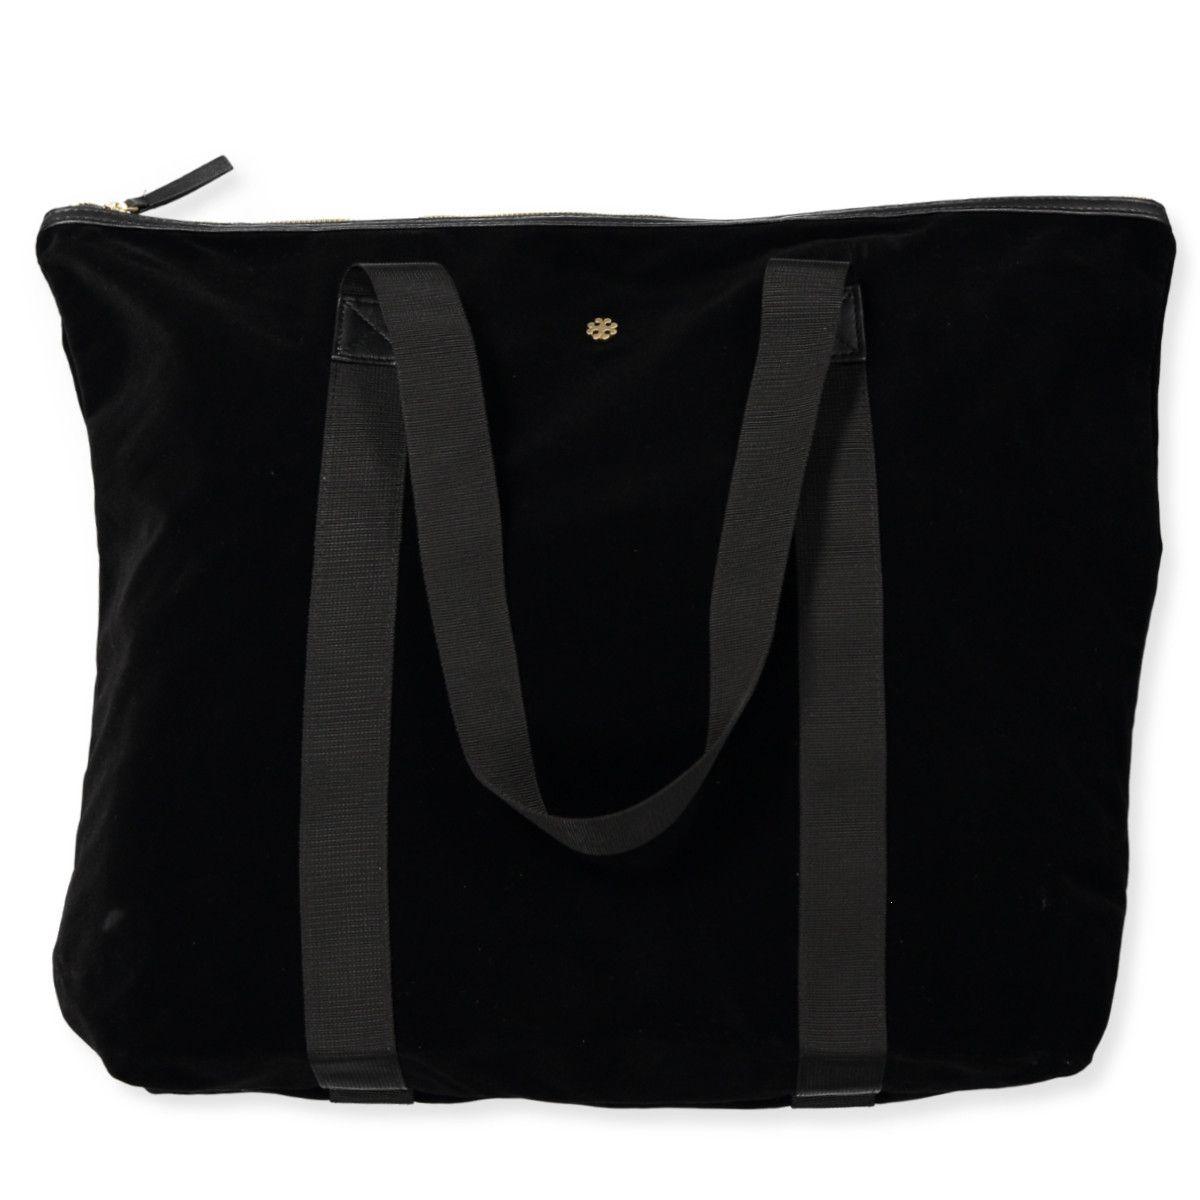 993af716 Day Birger et Mikkelsen - Gweneth velvet bag - Black | wishlist ...